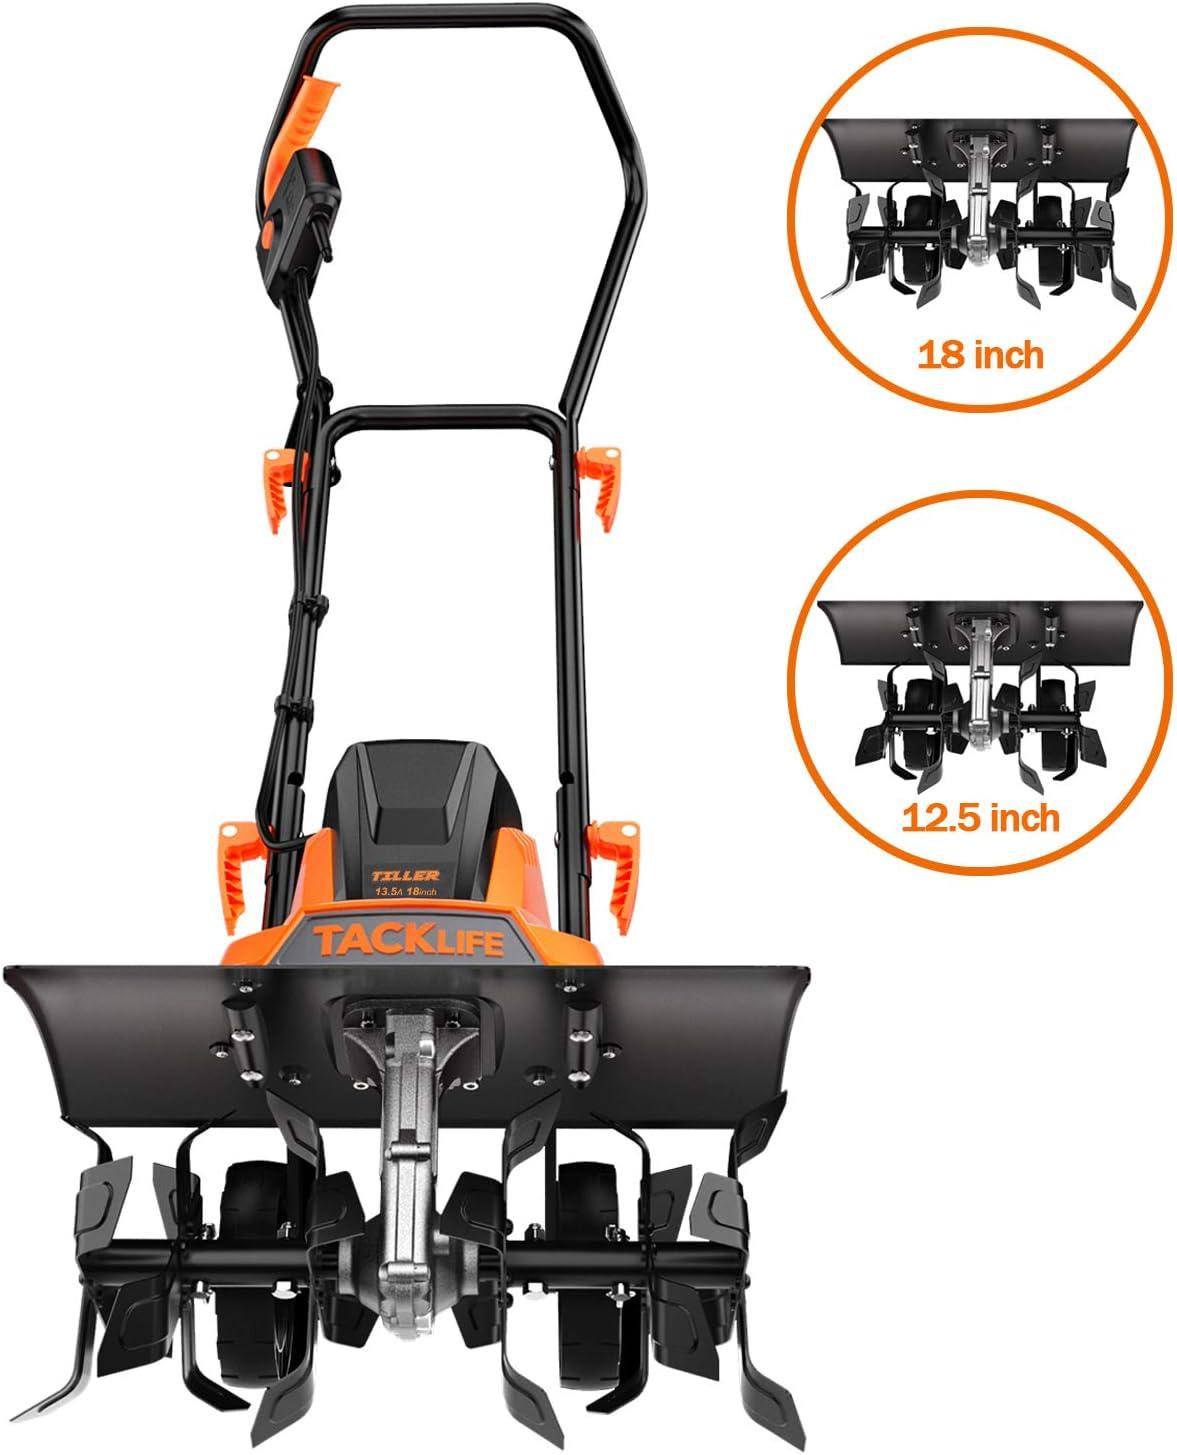 TACKLIFE Advanced Tiller, 18-Inch Electric Tiller, 13.5 Amp, Removable Blade, Adjustable Working Width(18''/12.5''), 8'' Tilling Depth, Foldable Handle, Adjustable Wheels, Tiller Cultivator - TGTL01A